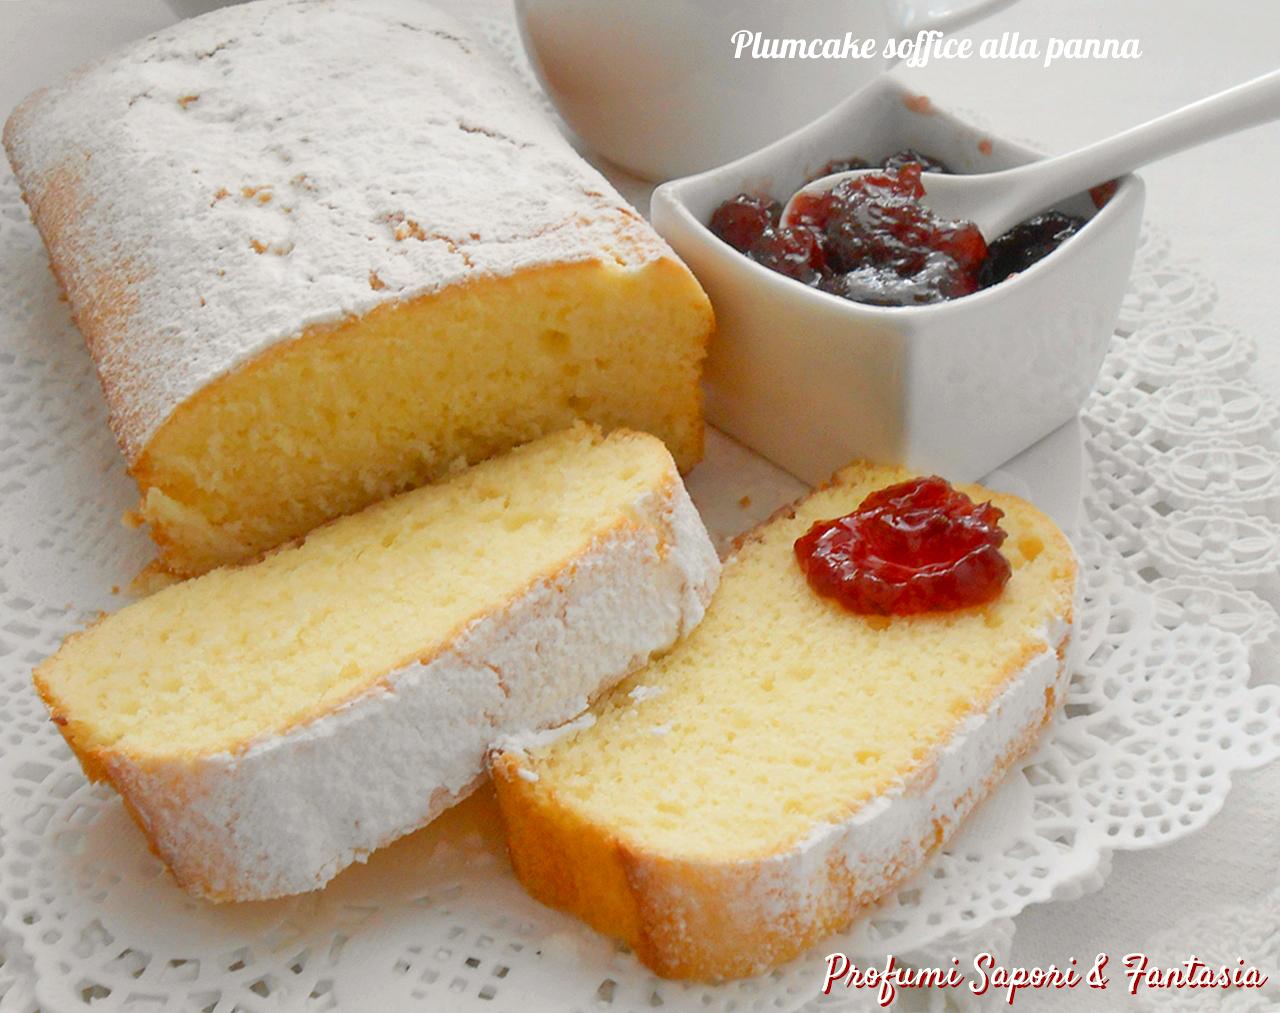 Plumcake soffice alla panna